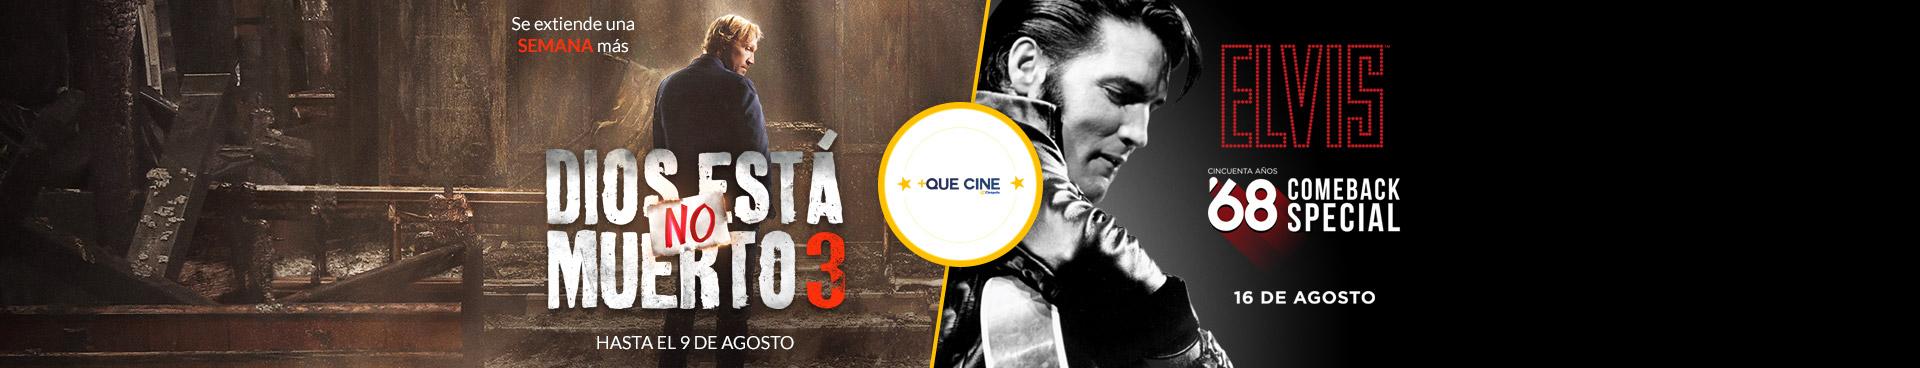 +Que Cine: Dios no está muerto 3 / Elvis